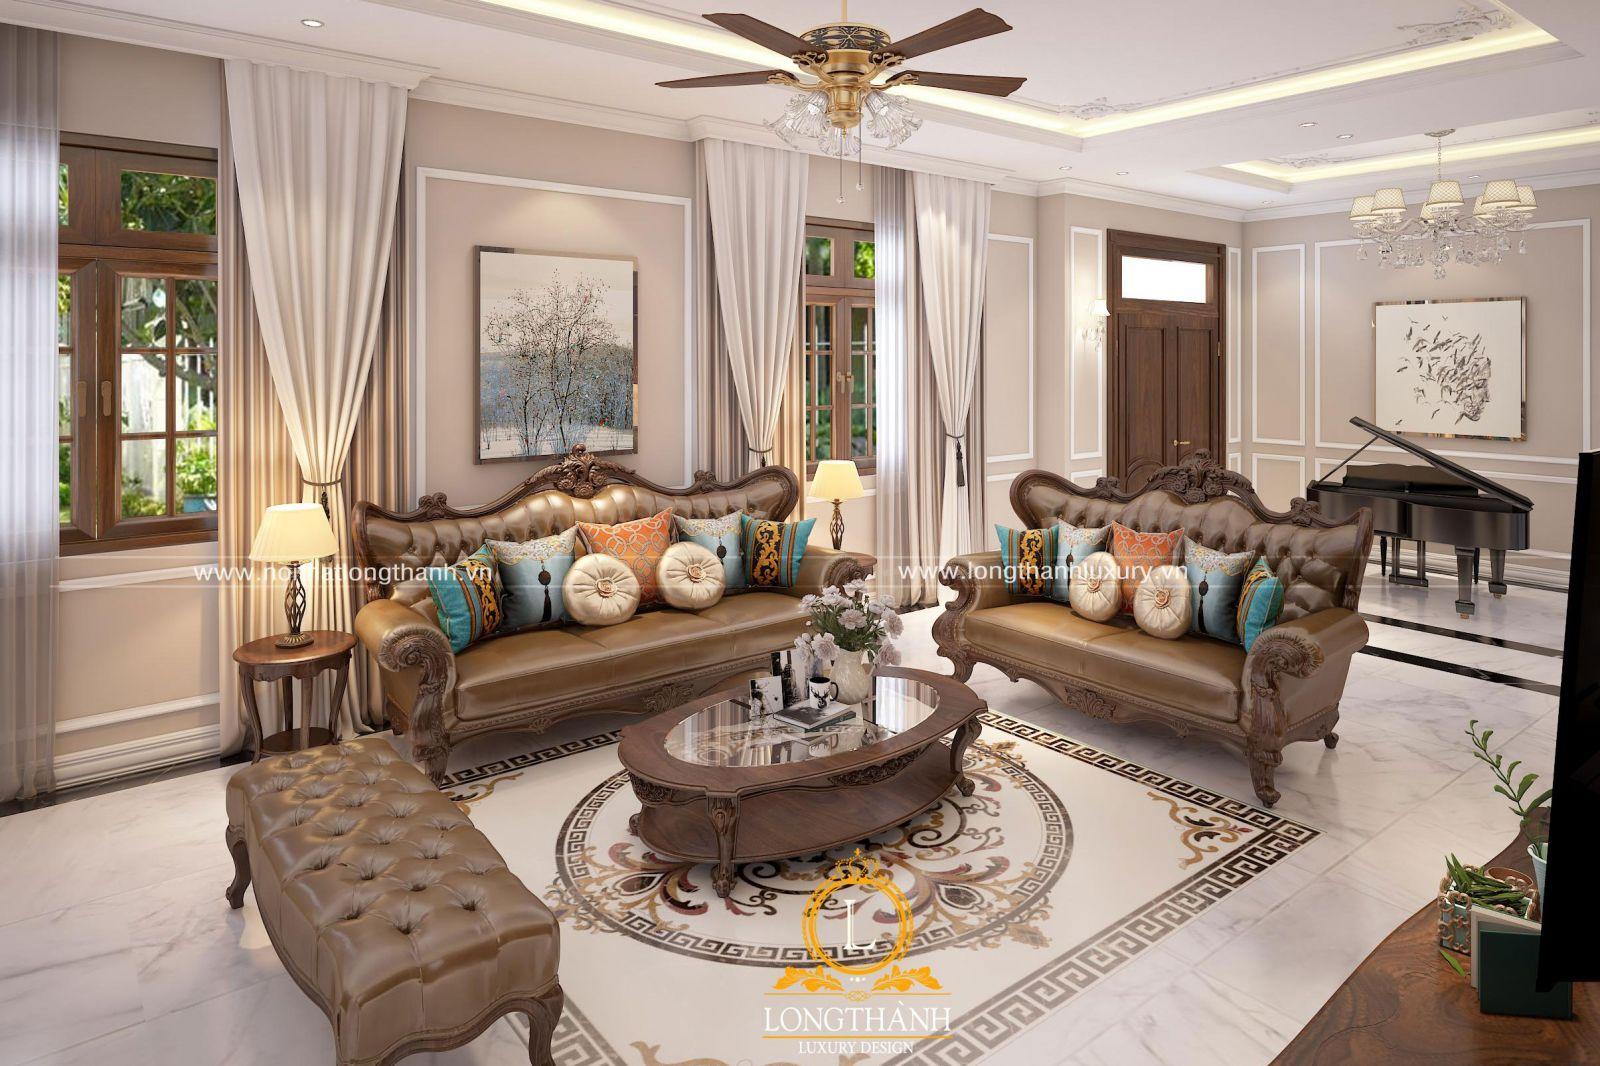 Xác định phong cách thiết kế cho nội thất nhà phố 2 tầng